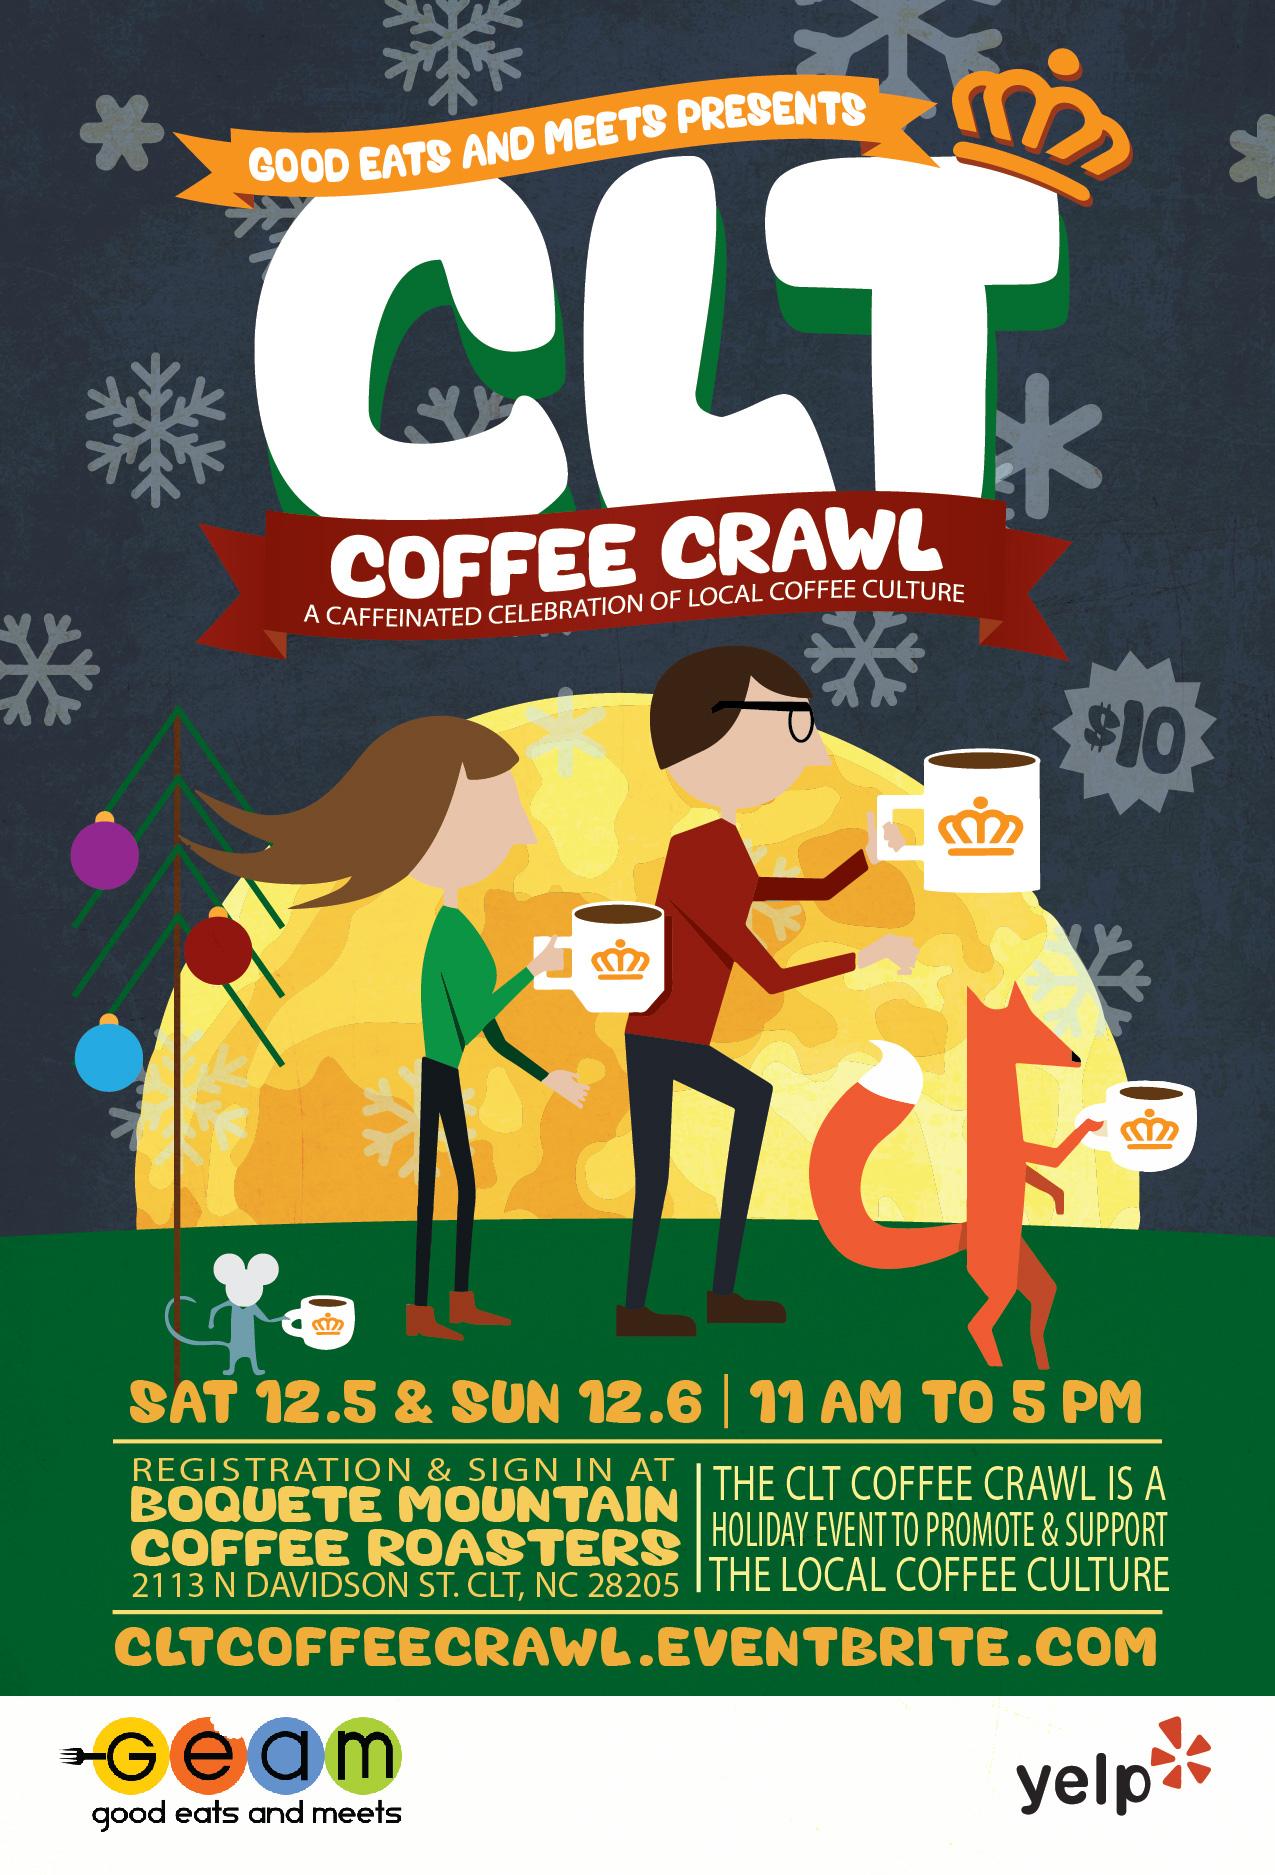 CLT Coffee Crawl